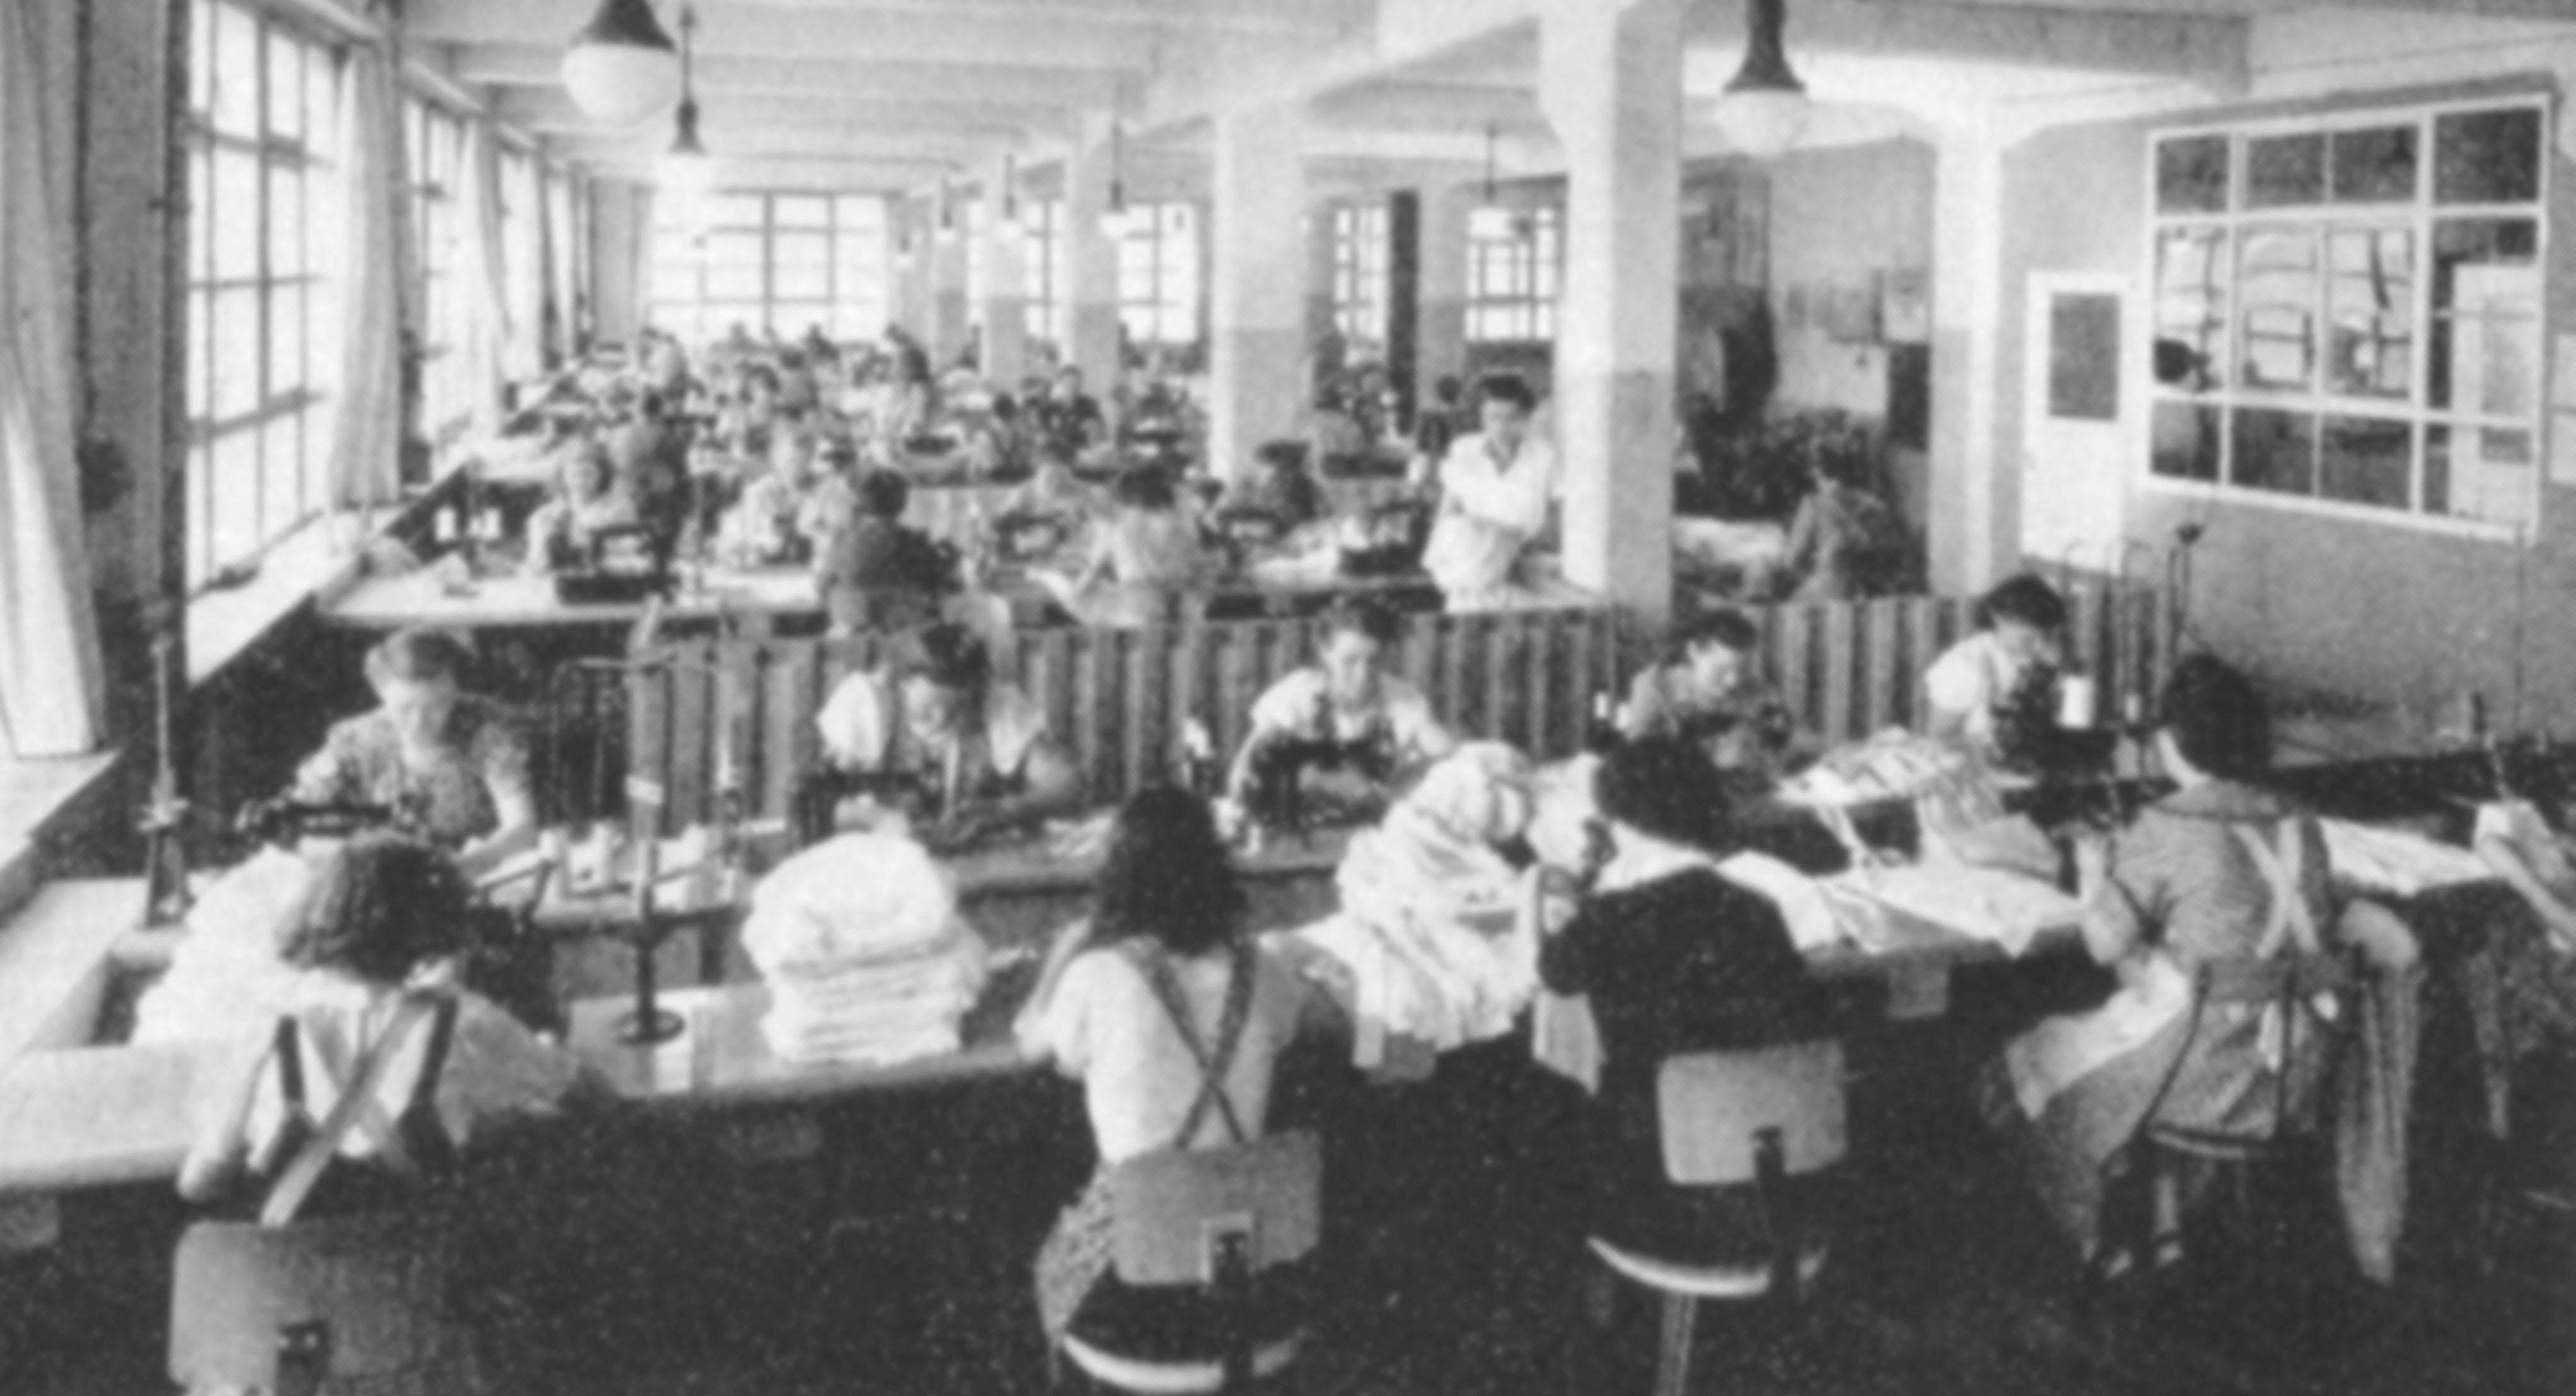 Fabrikarbeit in der Textilindustrie im sozialen Wandel